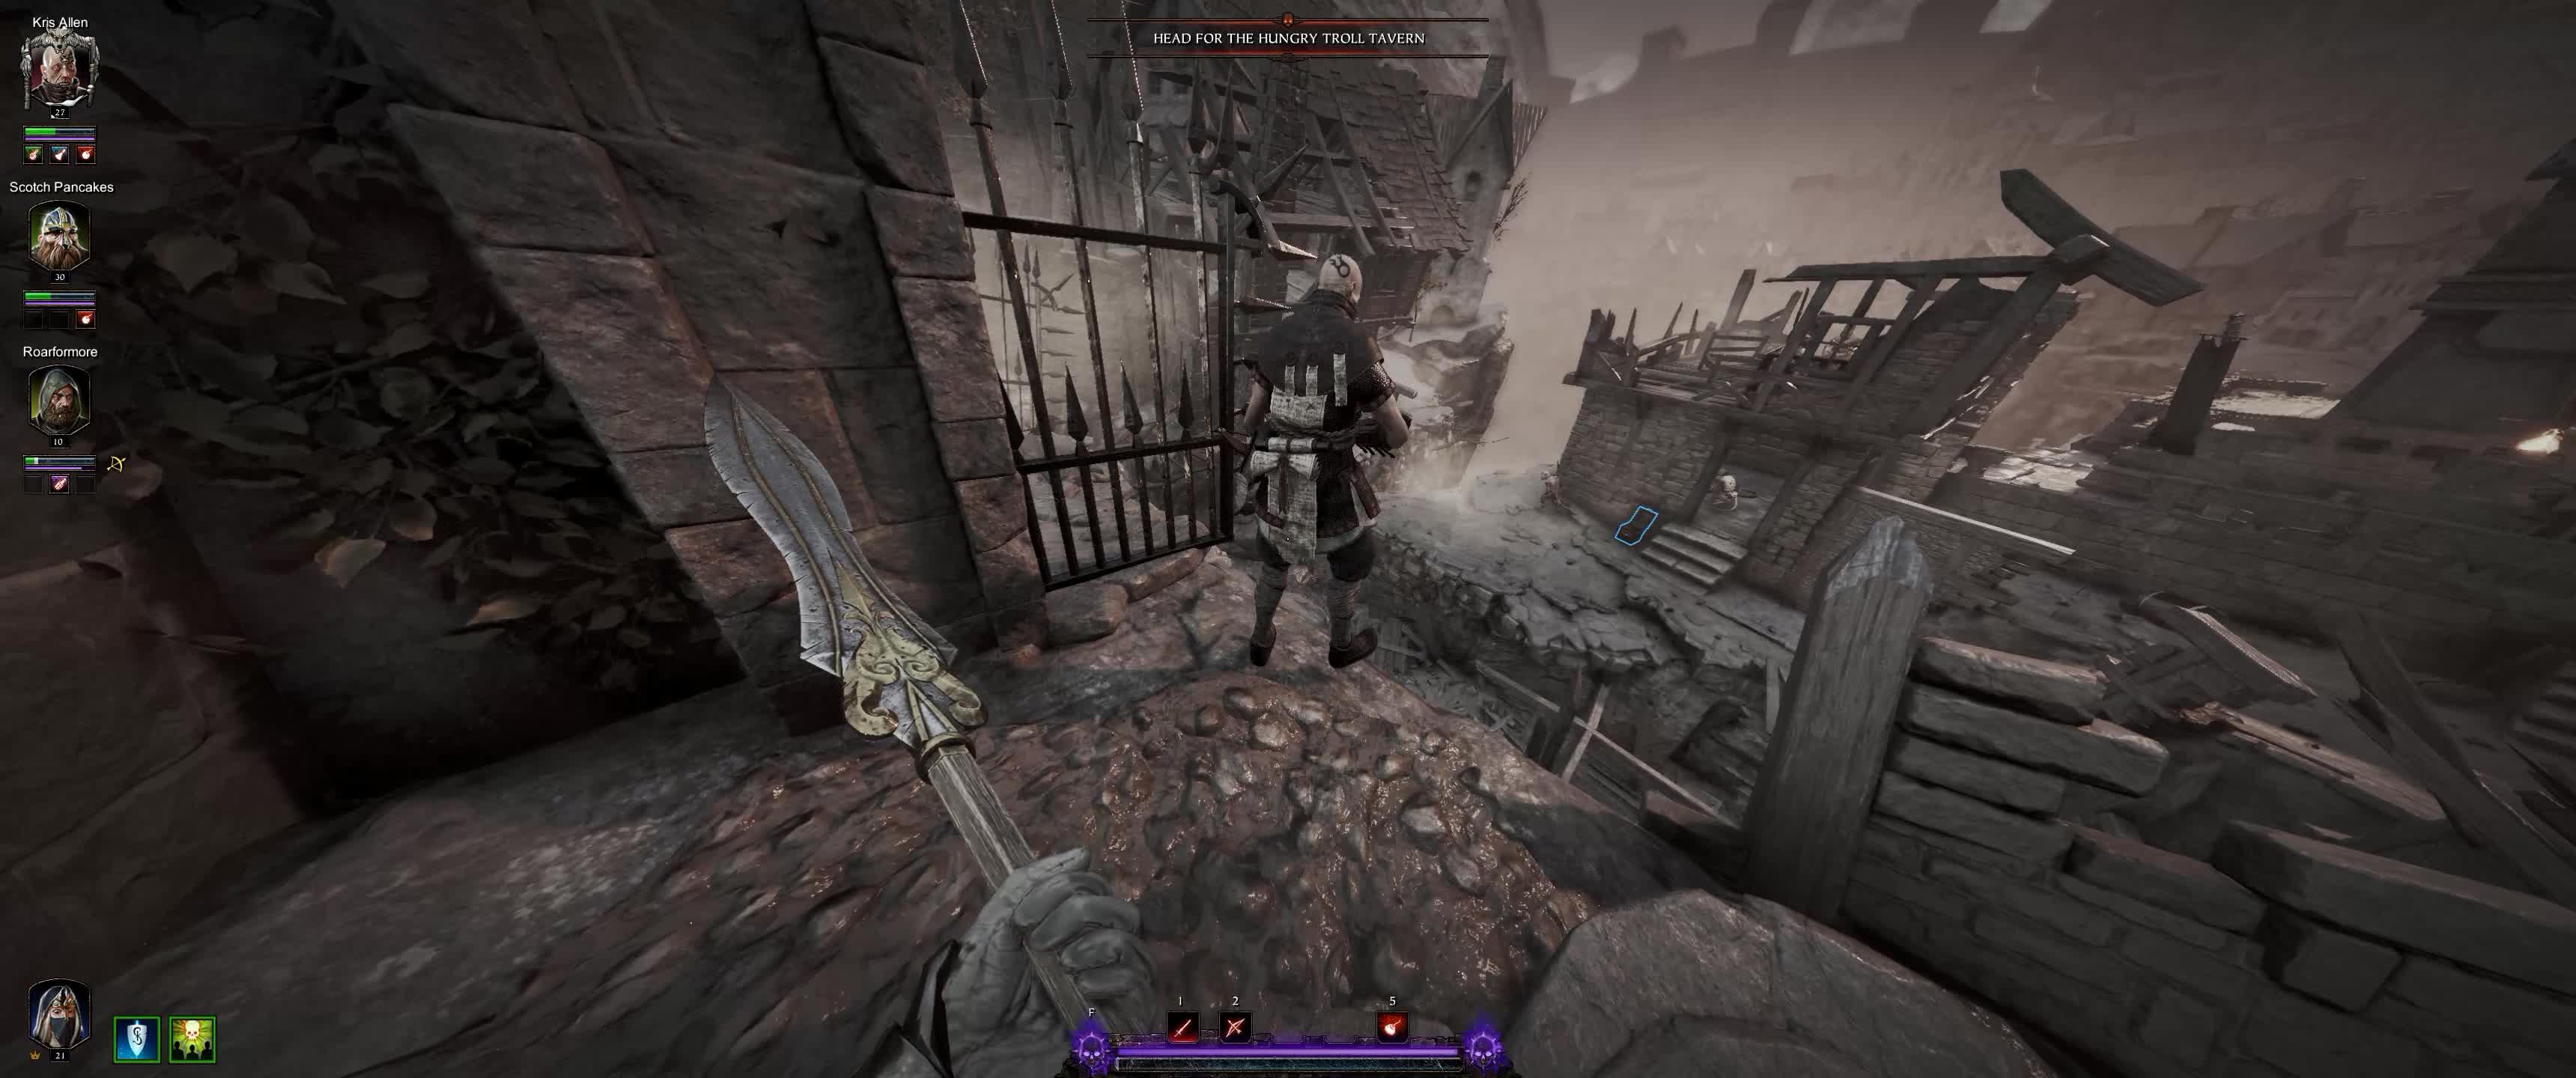 vermintide, Warhammer Vermintide 2 2019.03.08 - 19.55.03.10.DVR GIFs